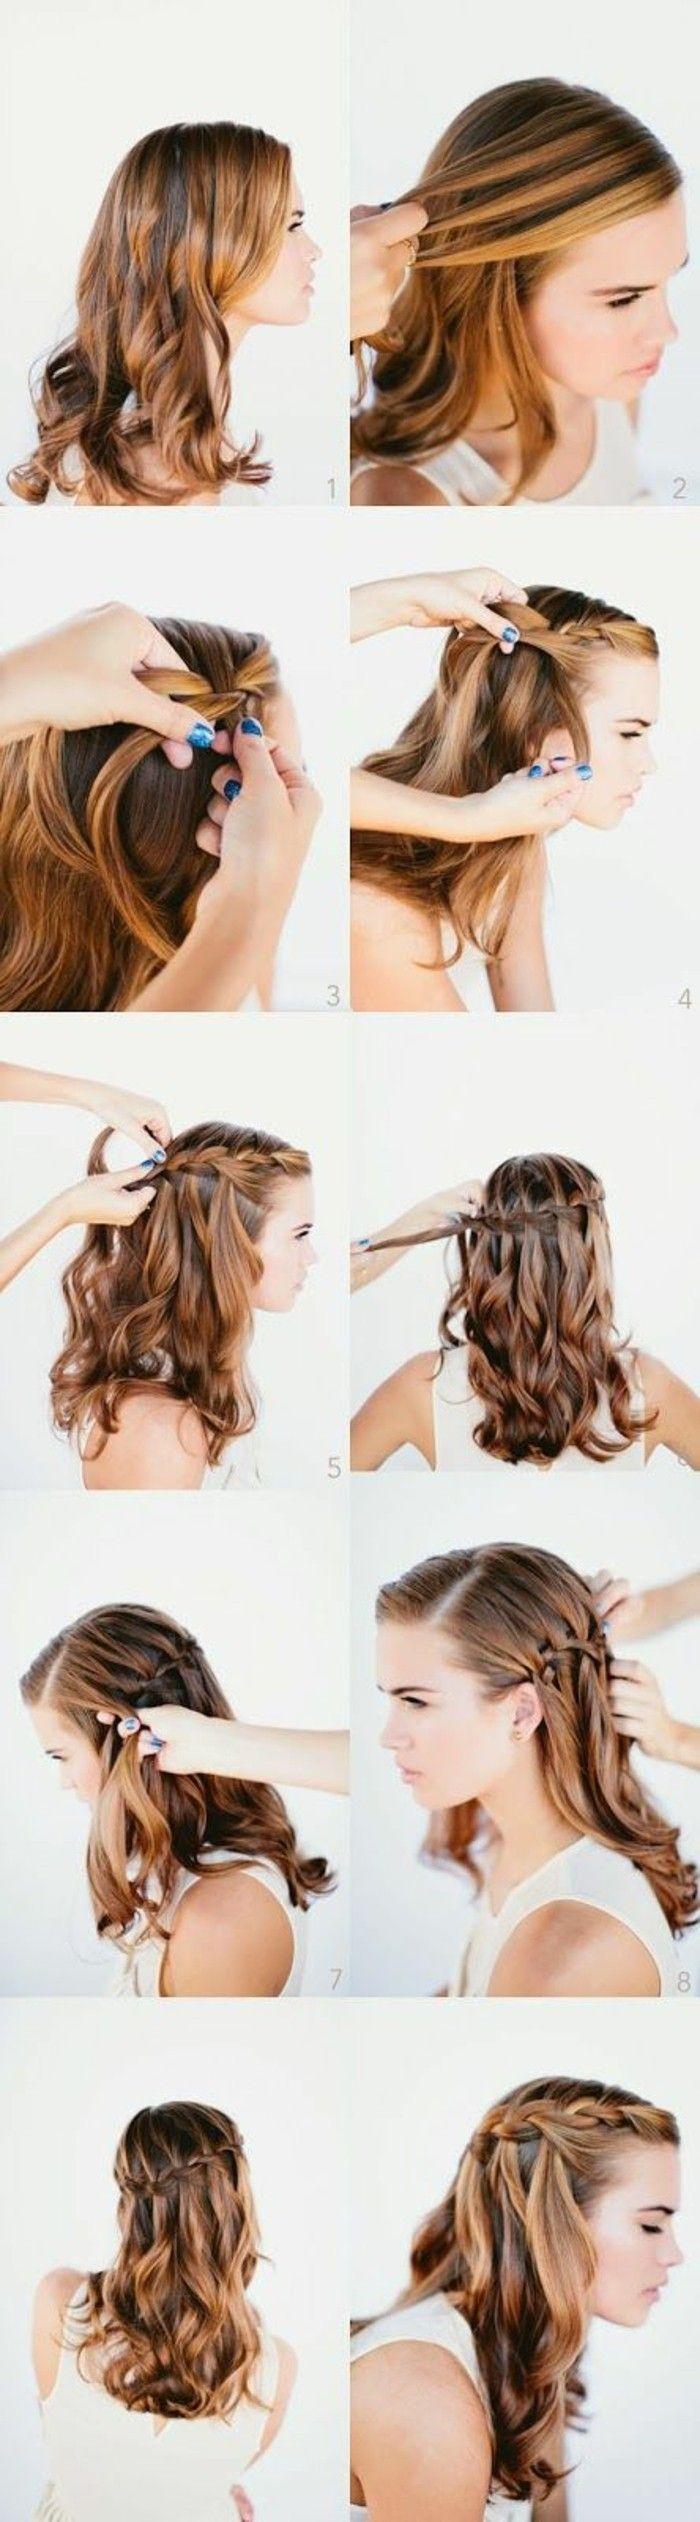 Une coiffure simple et rapide – 56 variantes en photos et vidéos!